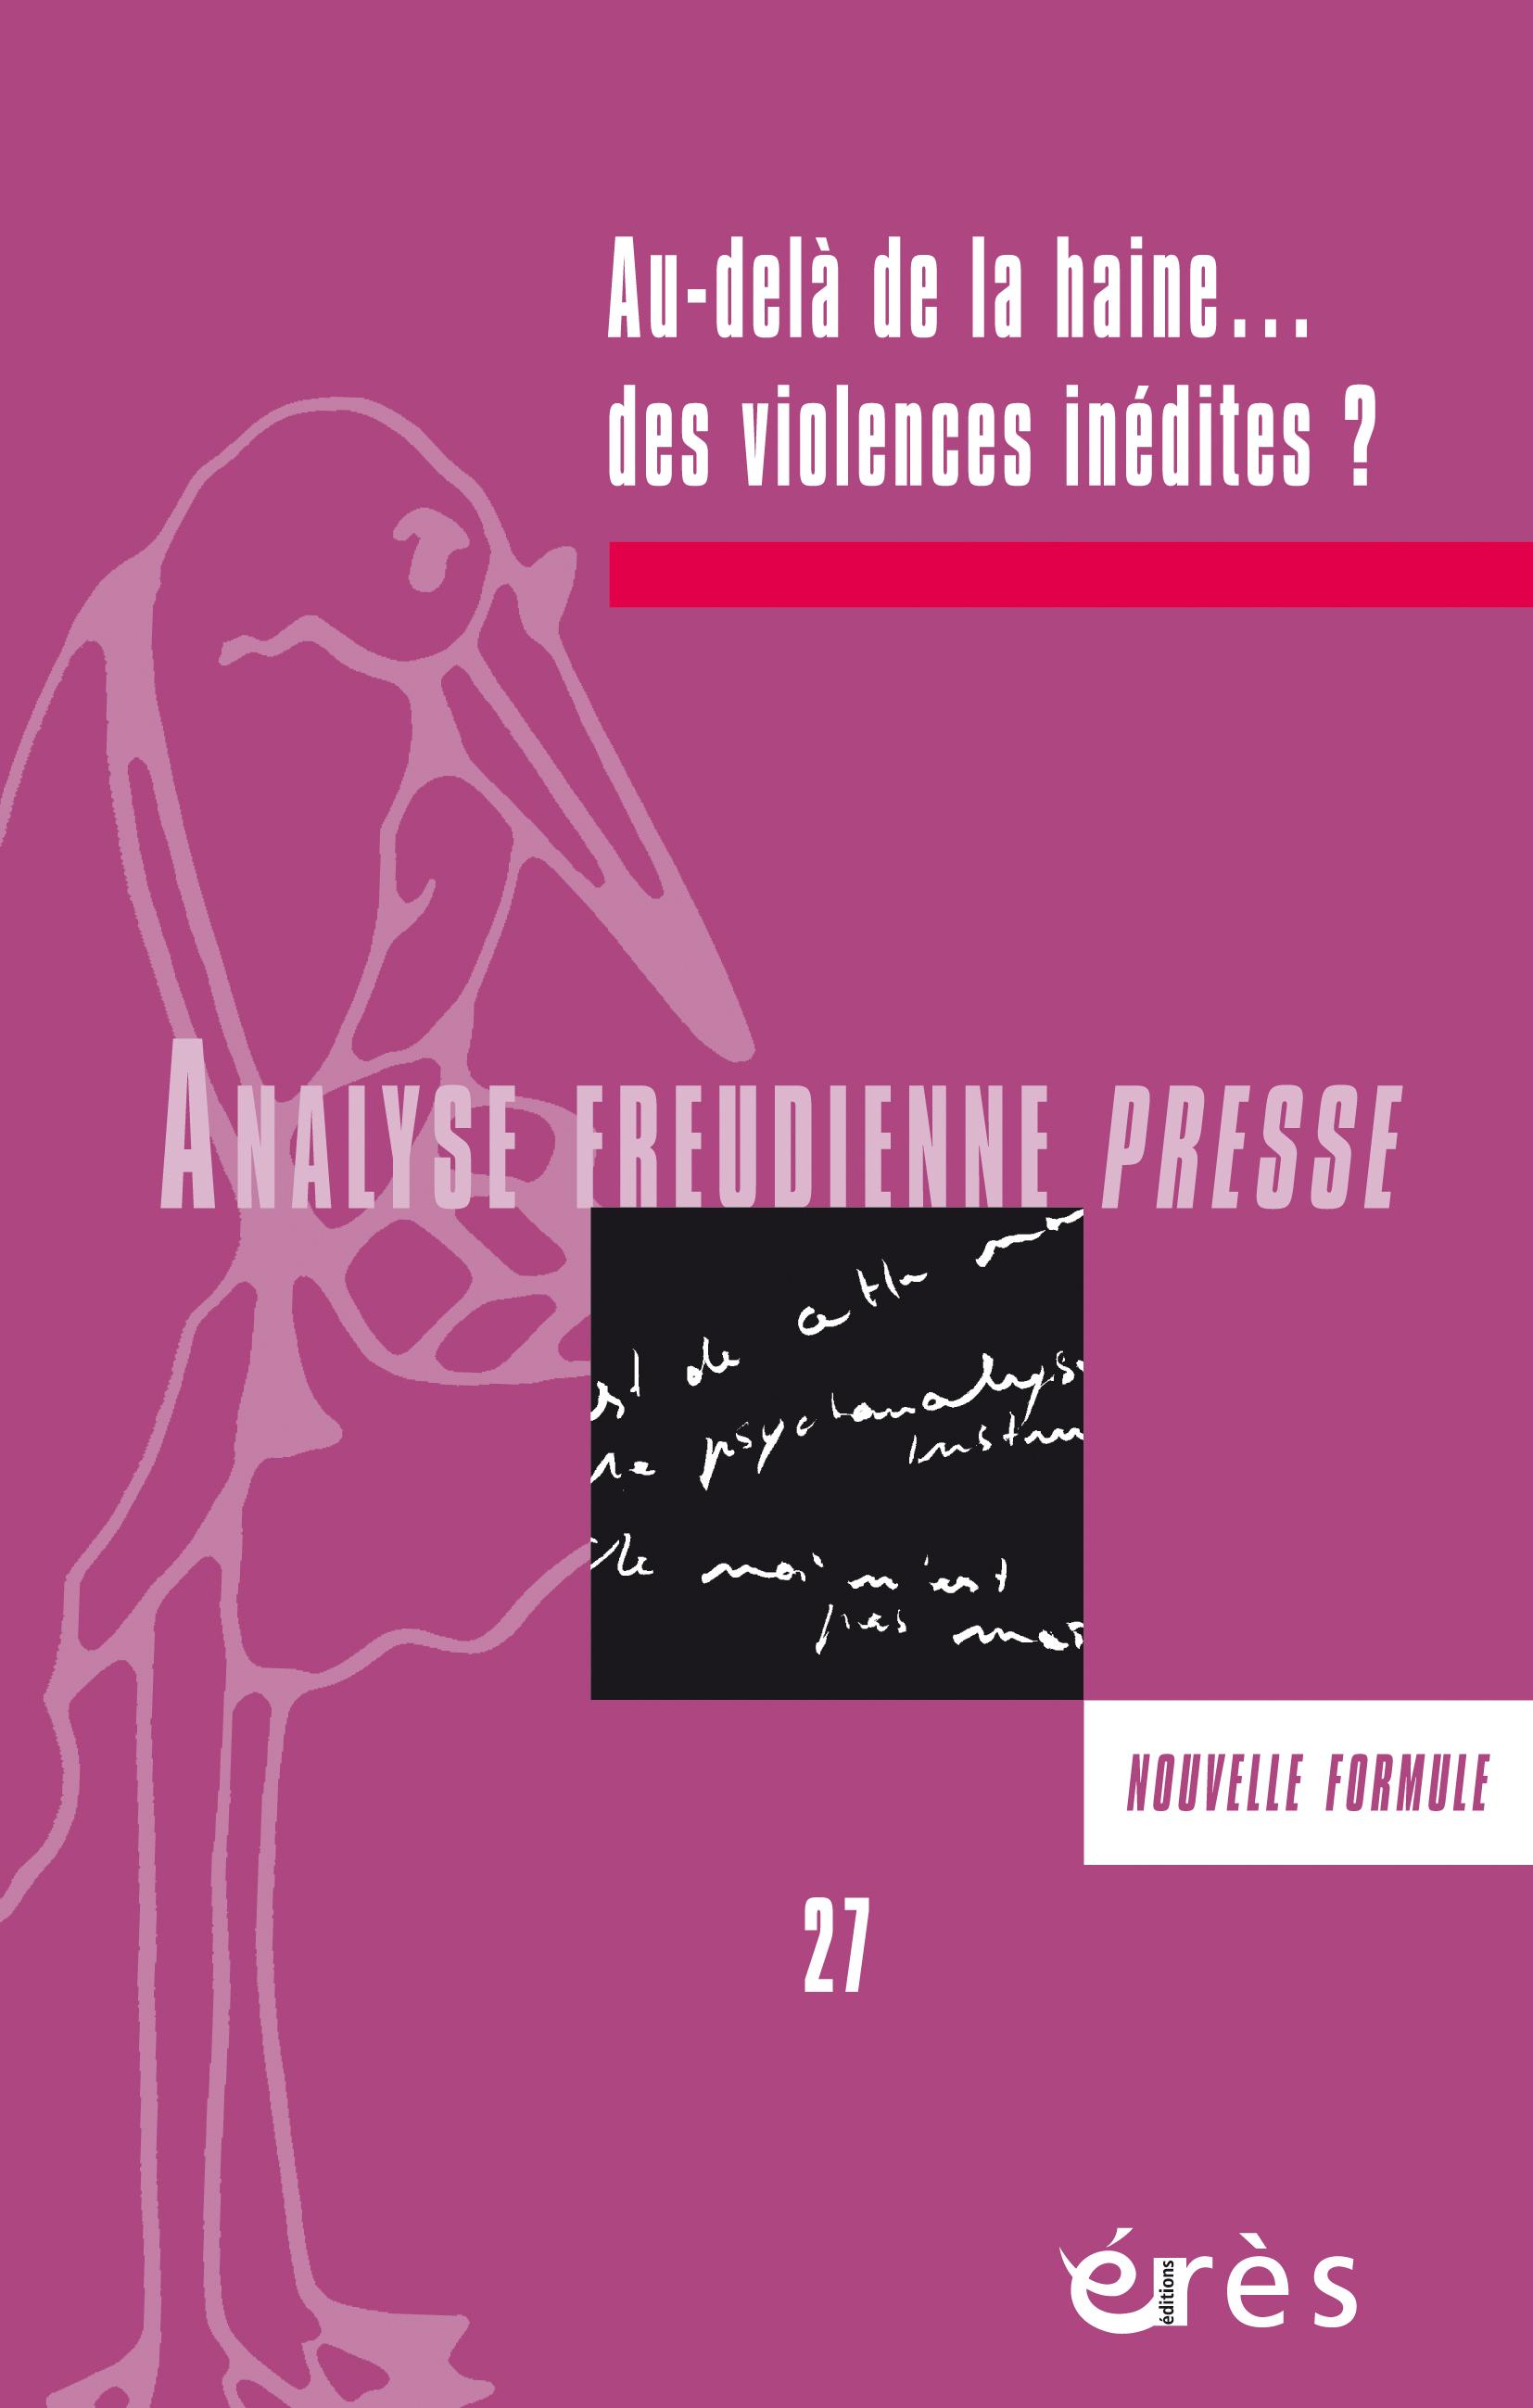 Analyse freudienne Presse. Dossier «Au-delà de la haine… des violences inédites?»